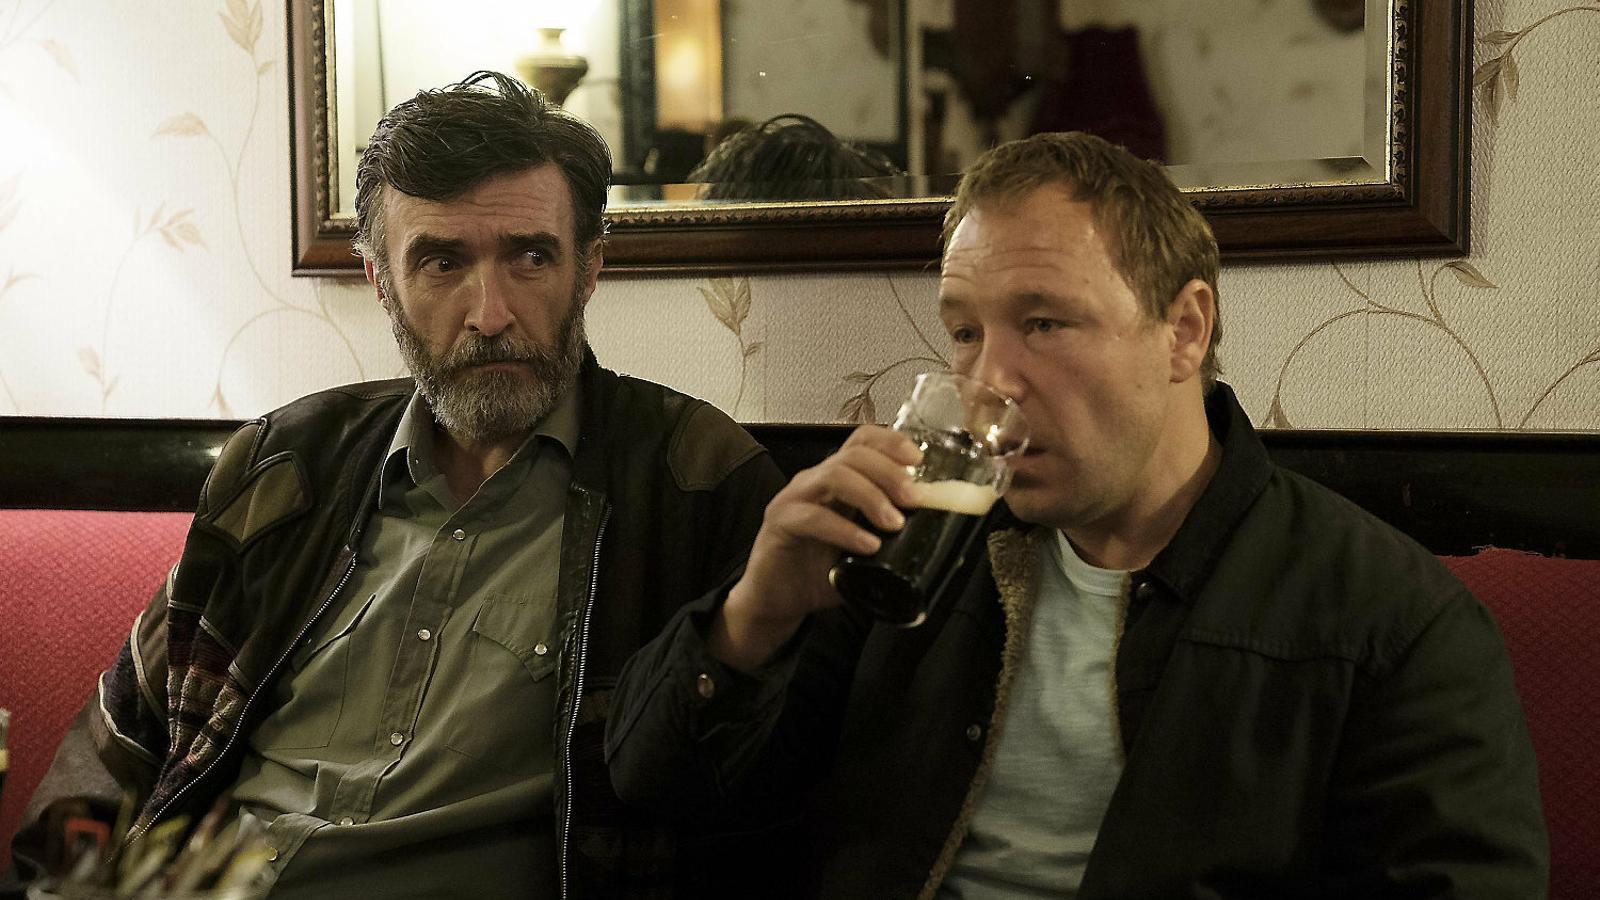 Filmin estrena el nou drama dels creadors de 'This is England'